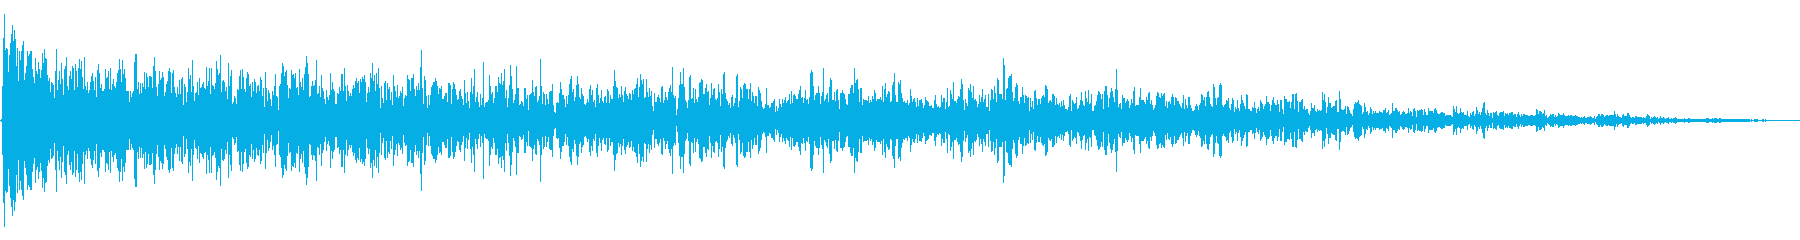 ブーミングランブルリングスイープ1の再生済みの波形